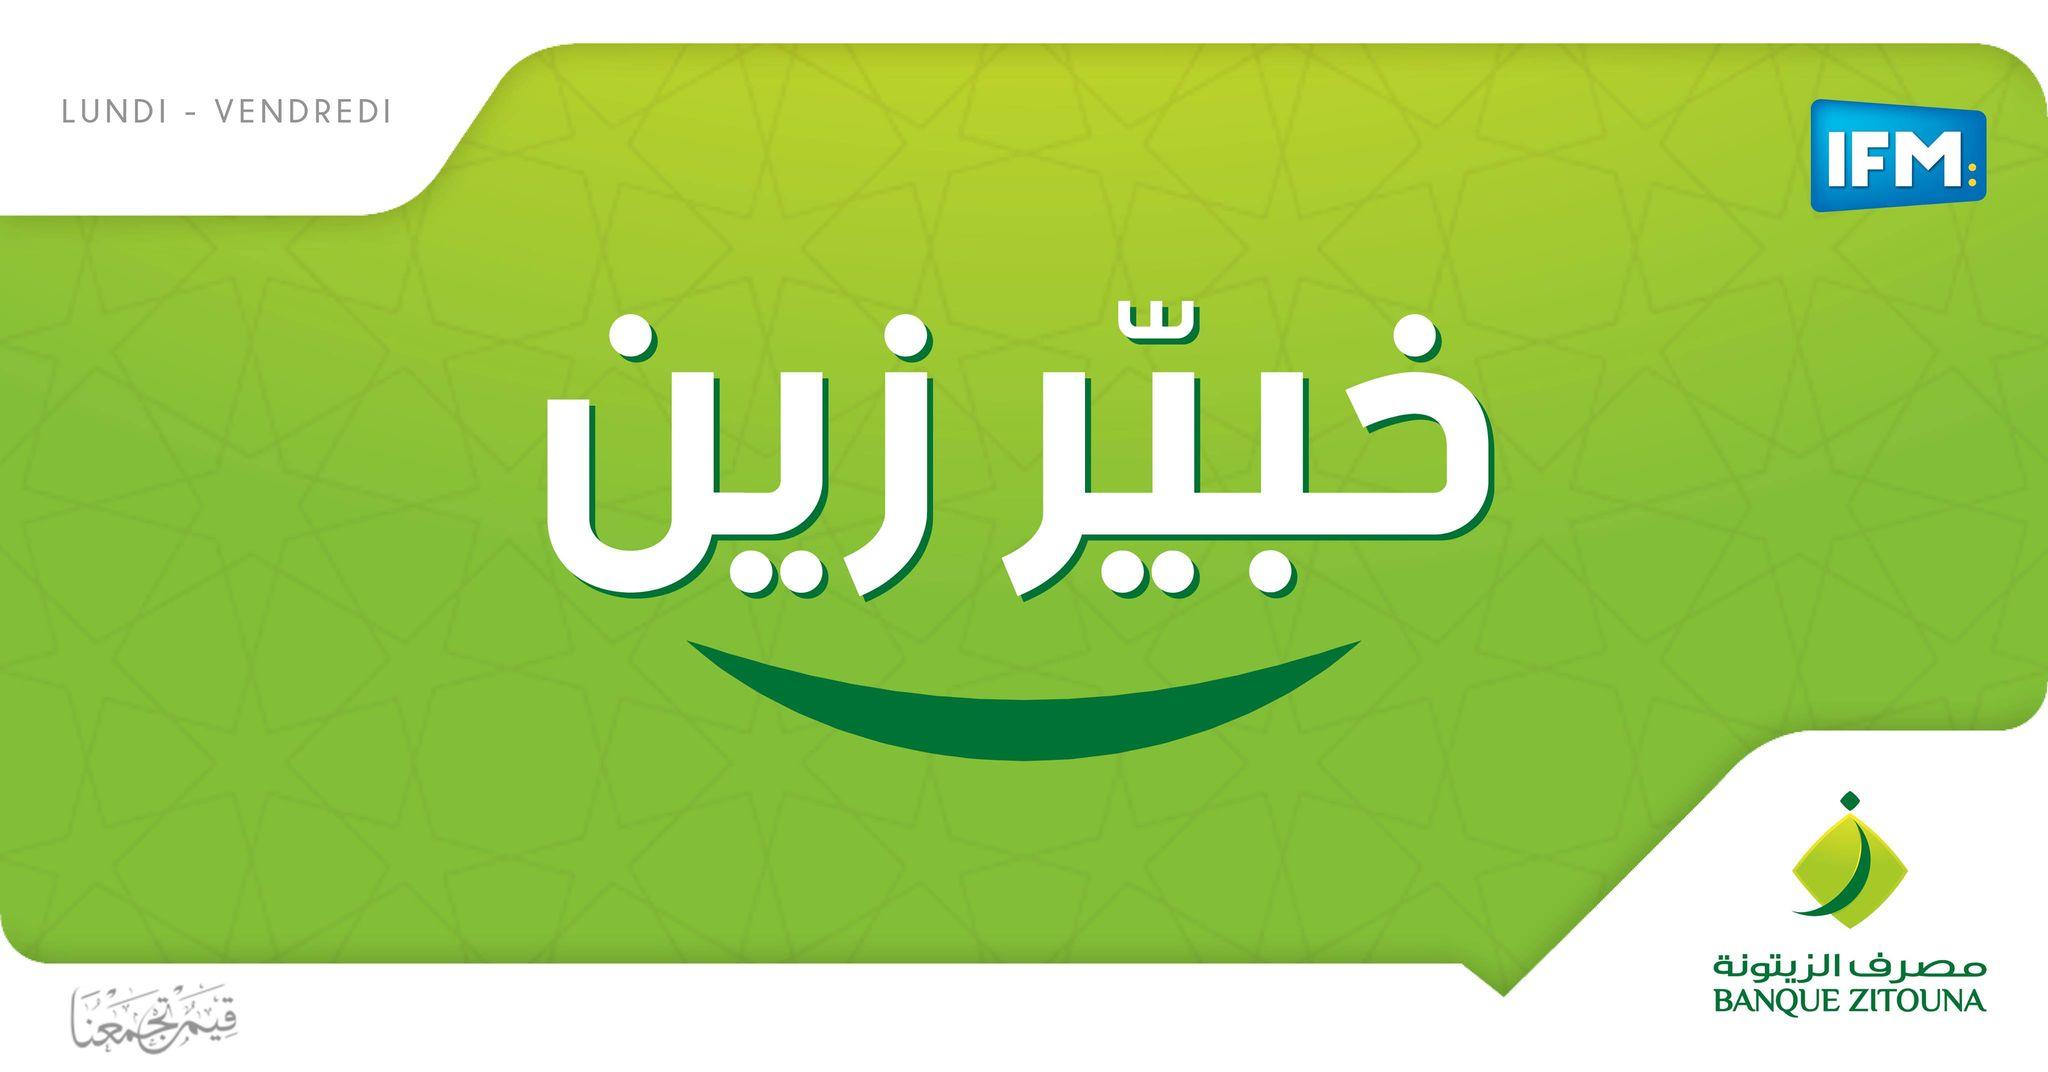 """🌿خبيّر زين مع مصرف الزيتونة🌿               الإختيار على تونس من بين سبعة دول في الشرق الأوسط وشمال إفريقيا باش تنتفع ببرنامج """"StartUp MENA Booster"""" إلي تعملو """"The Next Society""""، وهو برنامج دعم للشركات الناشئة ذات الإمكانات العالية في المنطقة راف ماغ"""